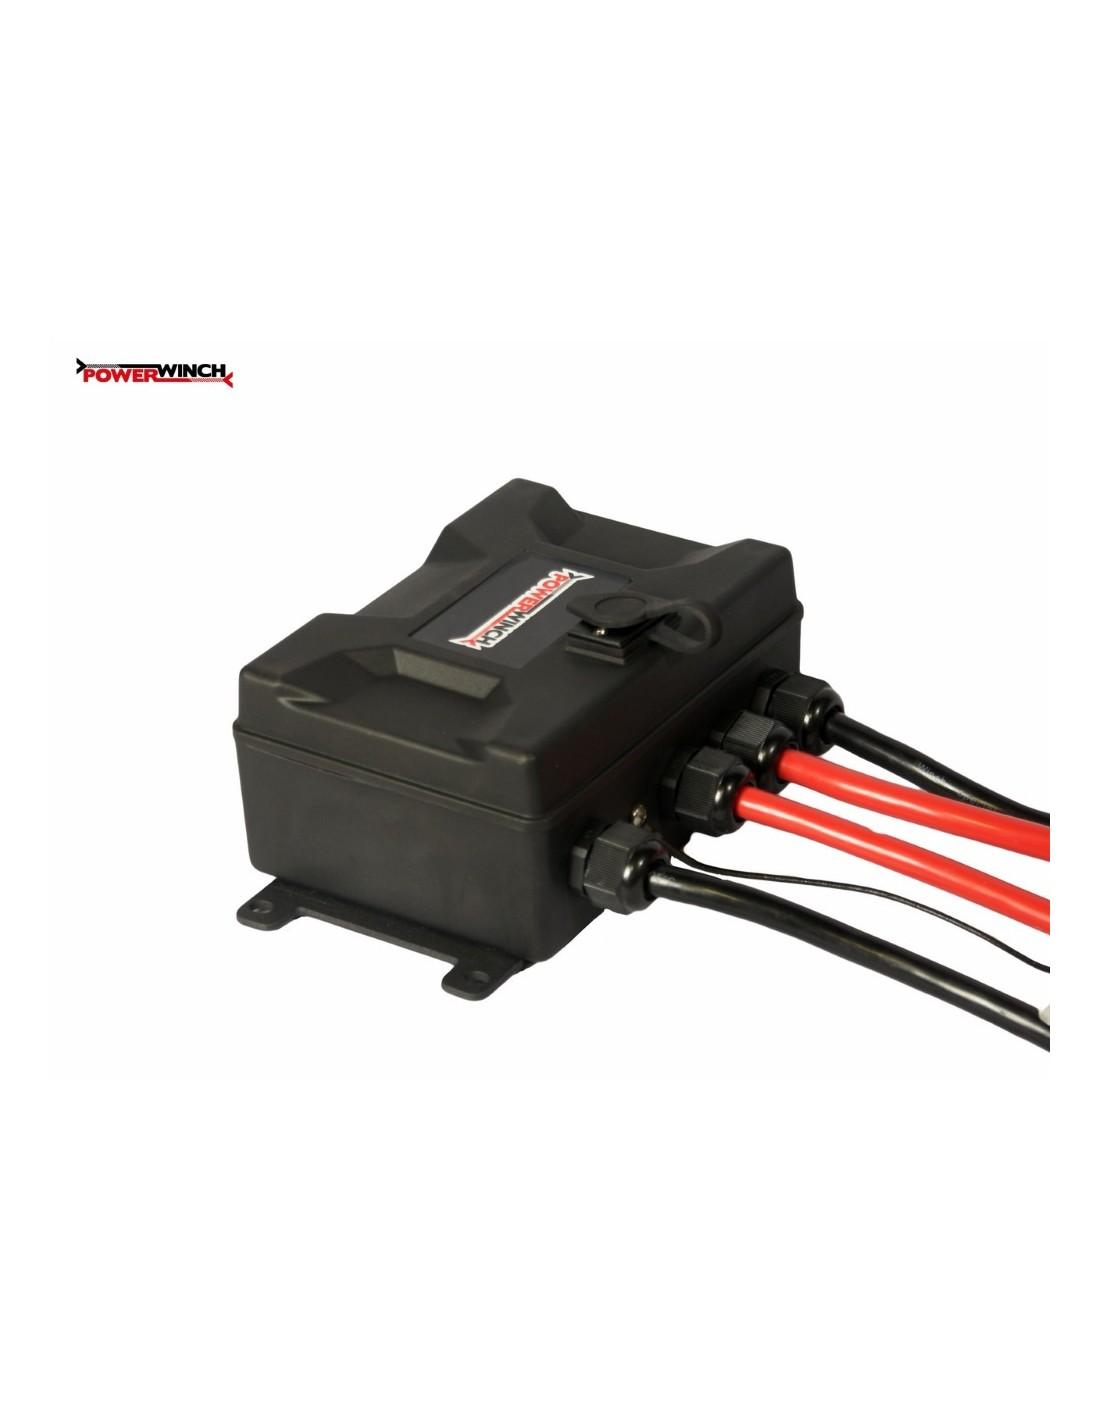 Treuil electrique powerwinch 5900 kg 12v telecommande - Treuil electrique 12v ...